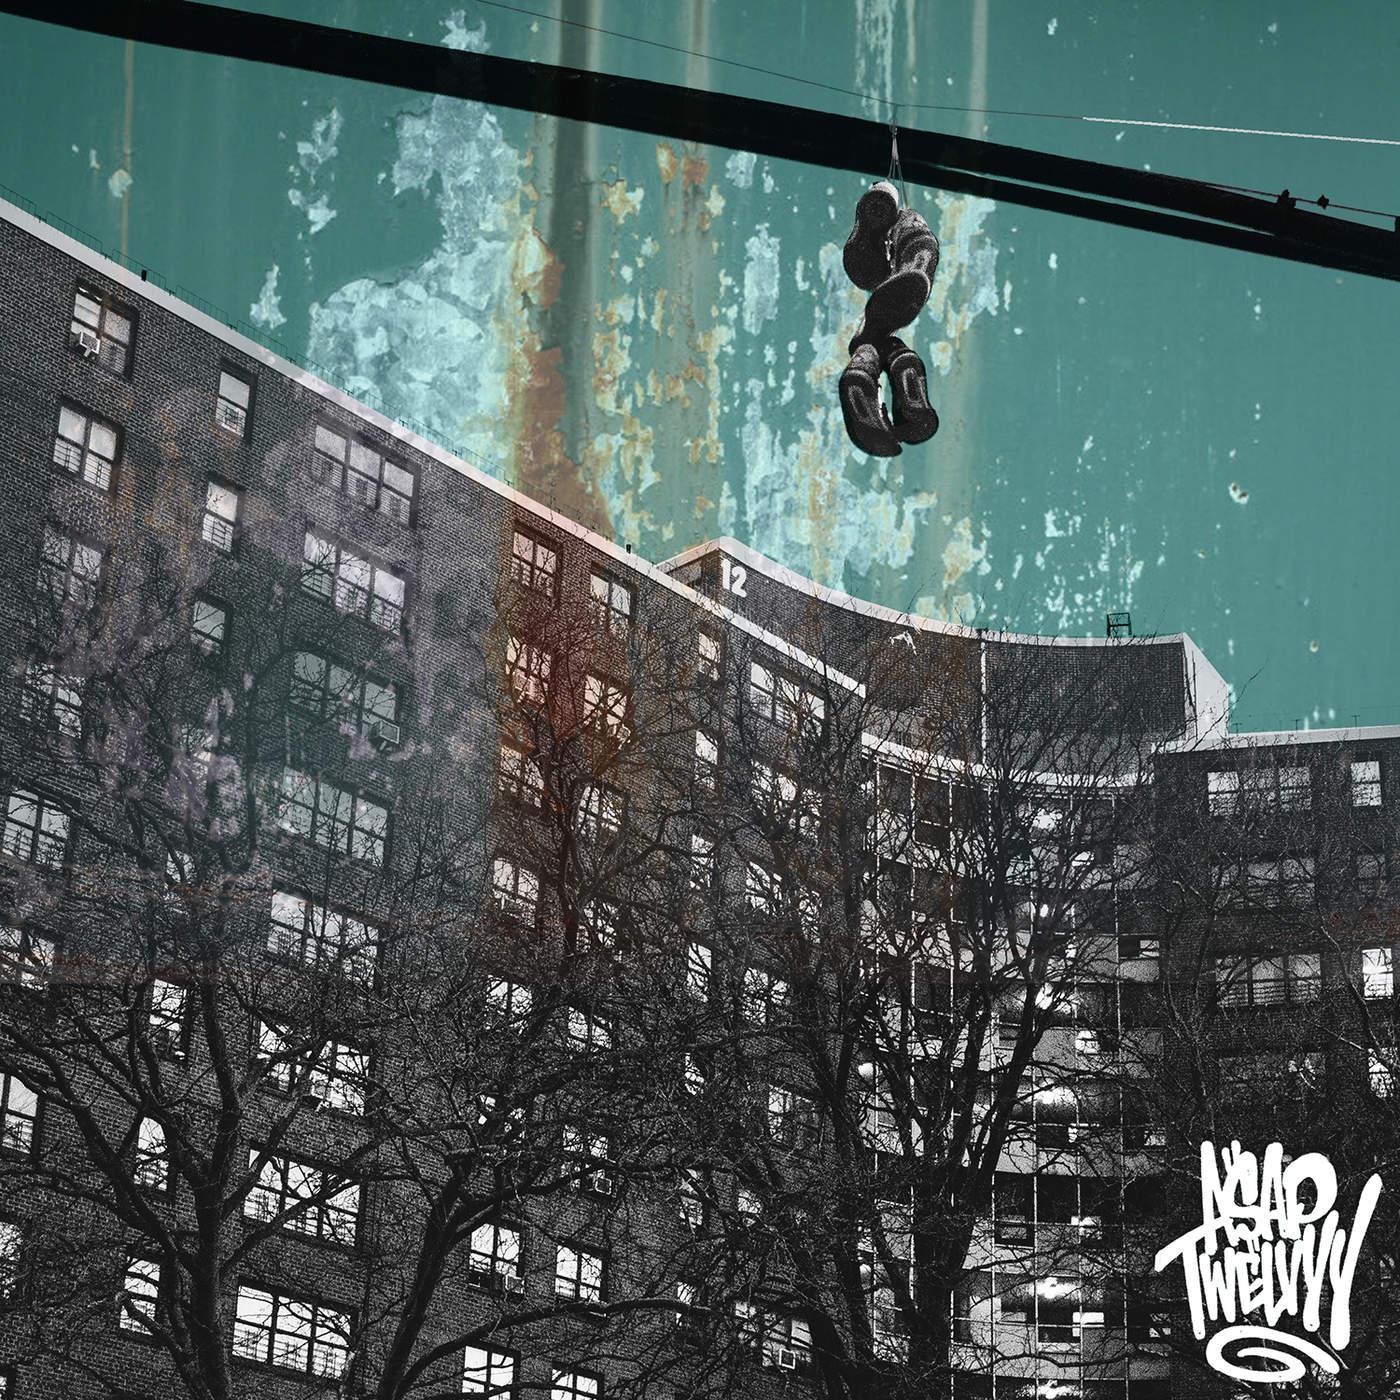 A$AP Twelvyy - Diamonds (feat. A$AP Rocky) - Single Cover